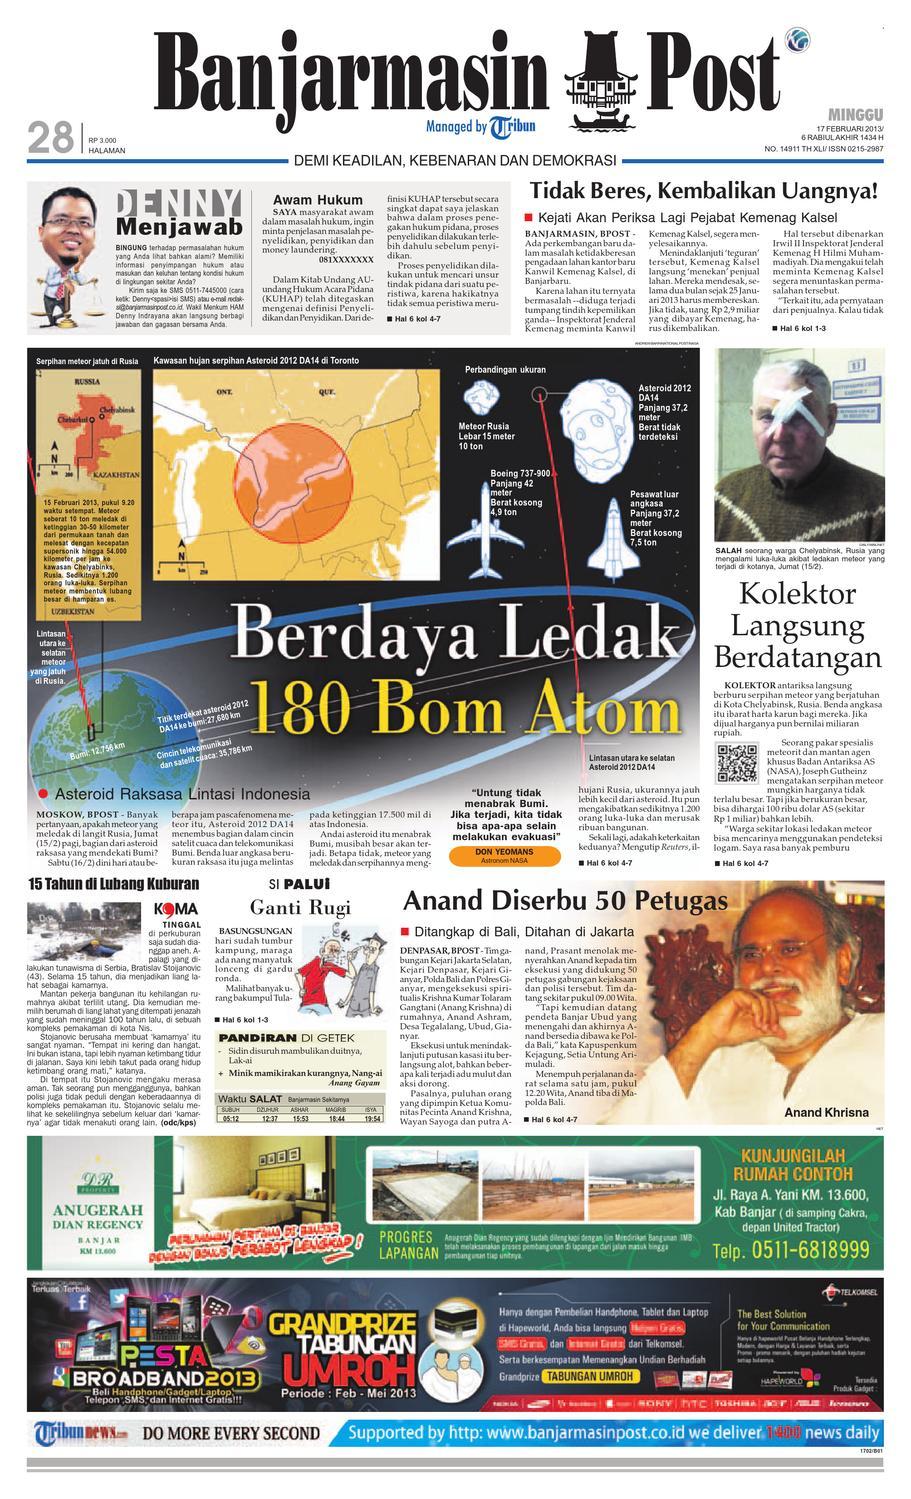 Banjarmasin Post Edisi Minggu 17 Februari 2013 By Banjarmasin